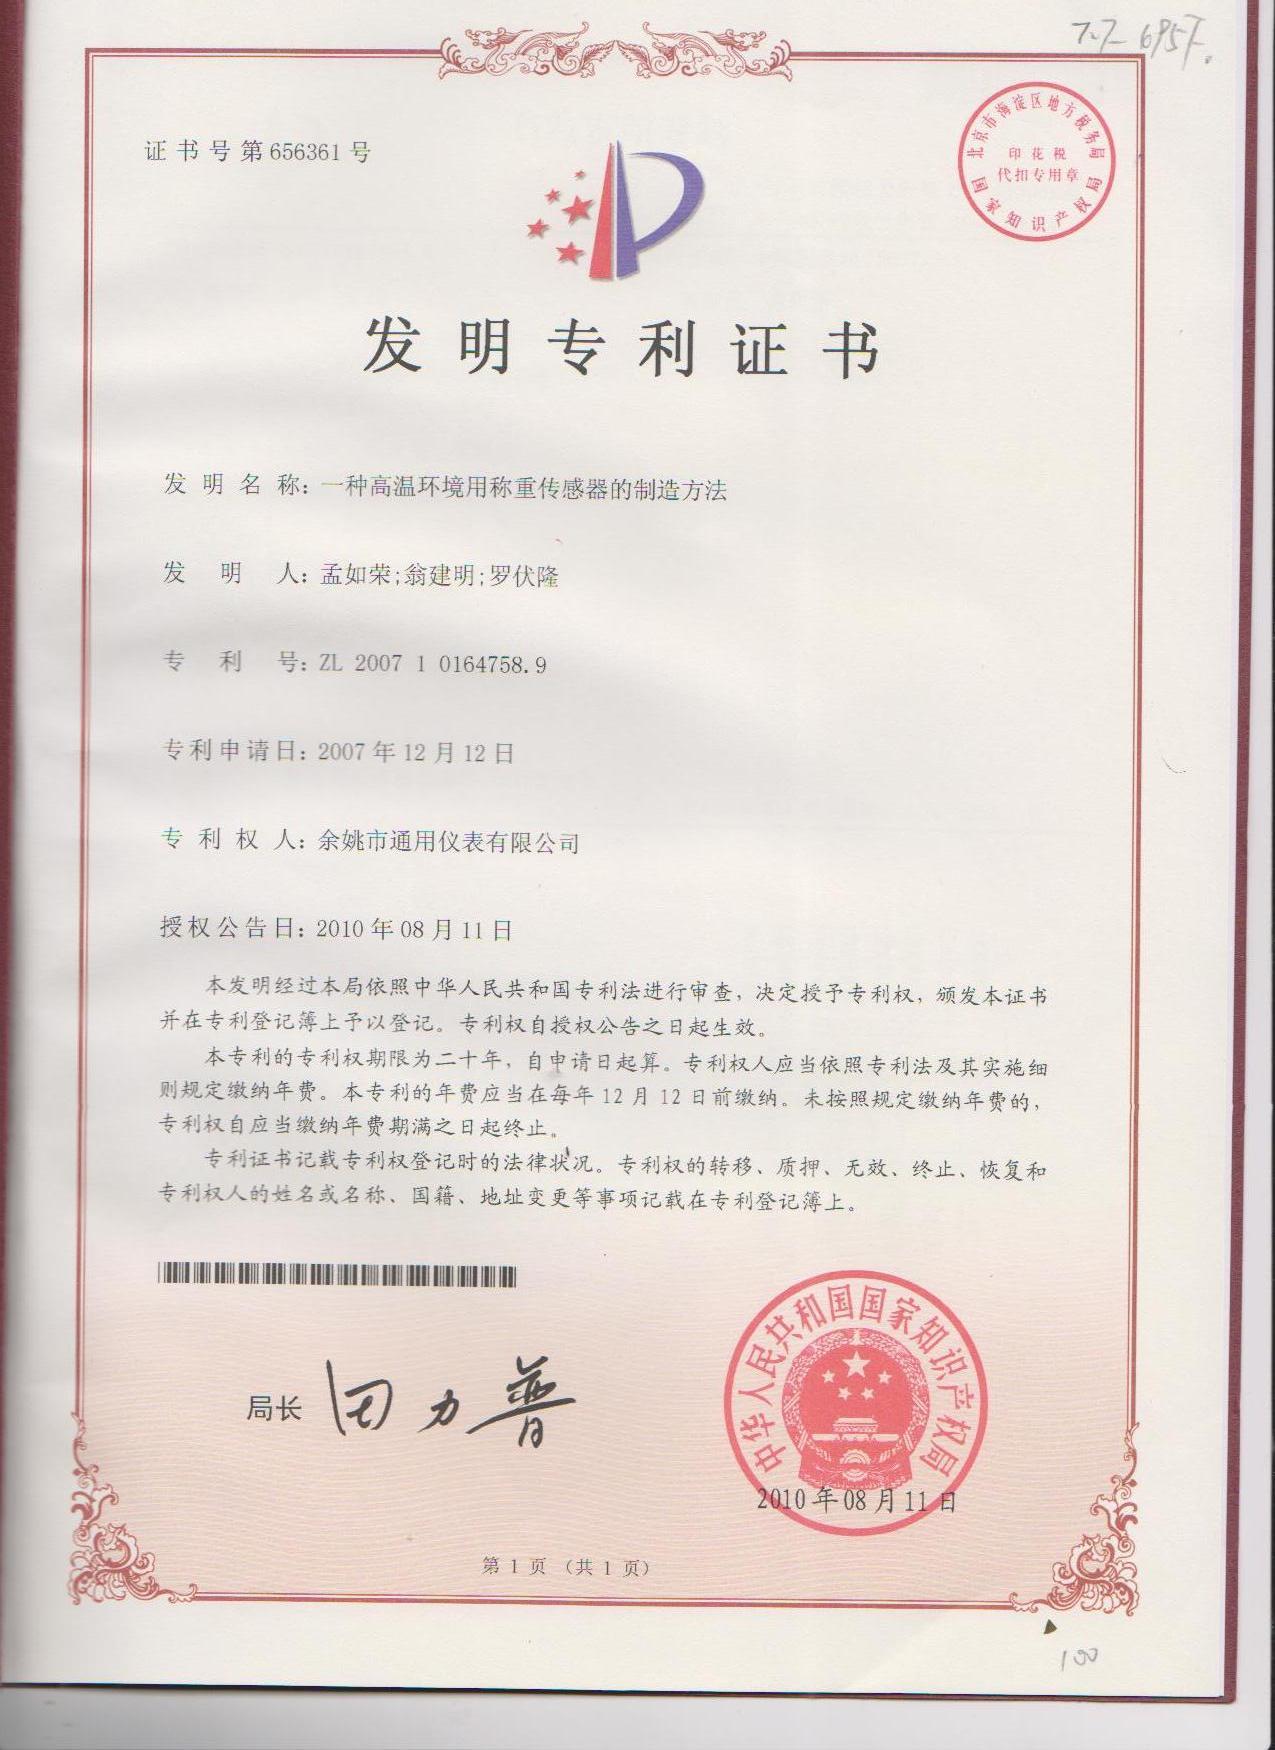 high-temperature certificate